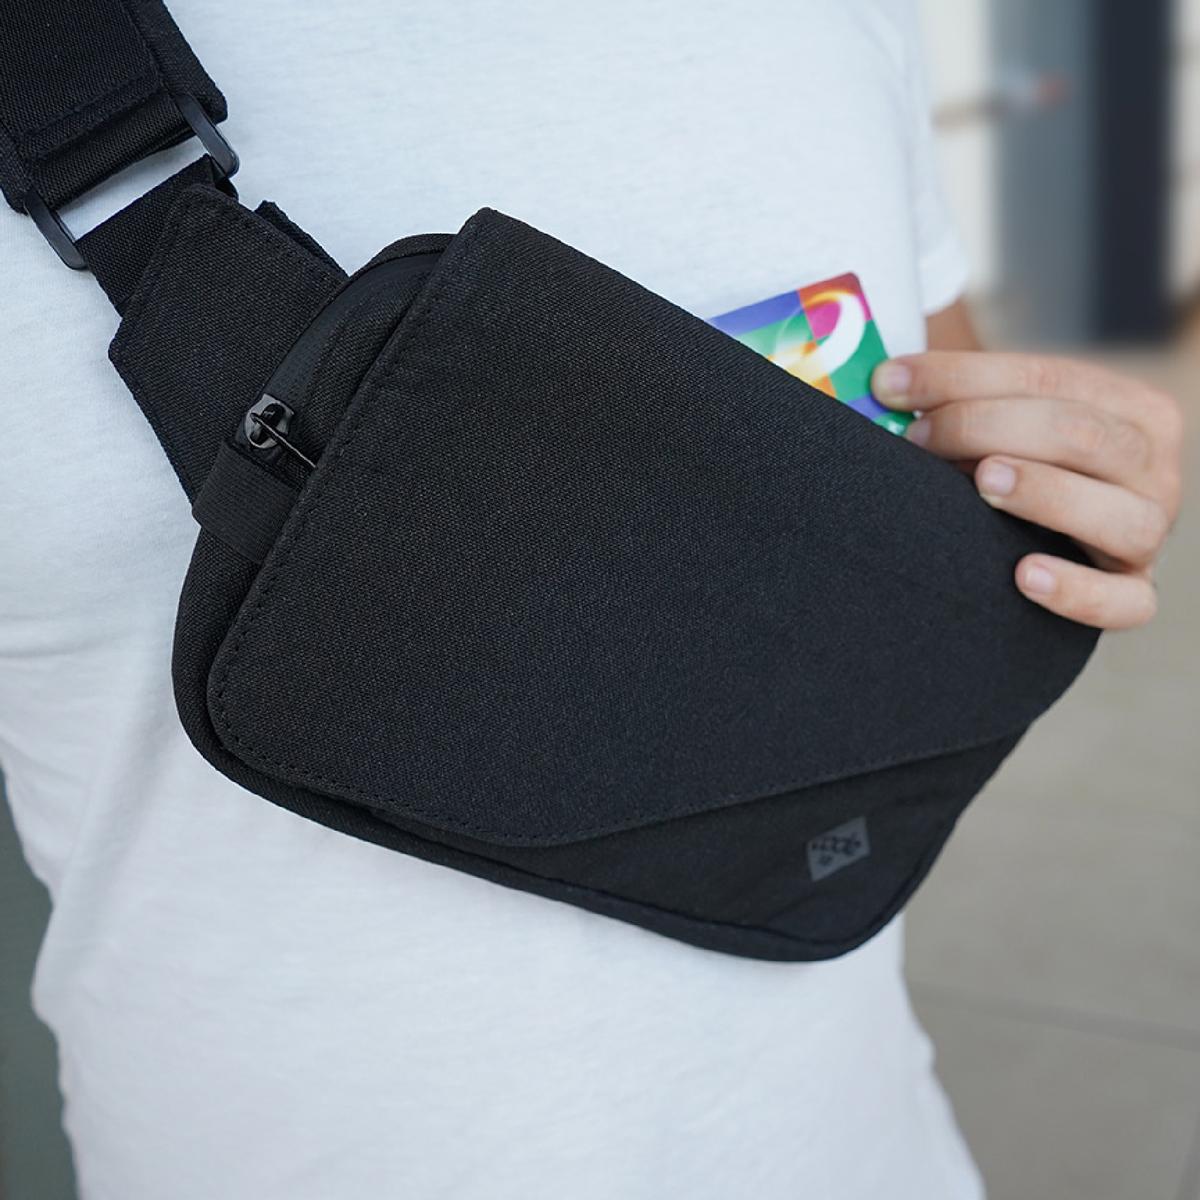 スキミング防止のため、RFID保護レイヤーを搭載したカード情報盗難を防止(スキミング防止)のRFID保護レイヤーを搭載したスーツケース構造のバックパック・ブリーフケース・メッセンジャーバッグ